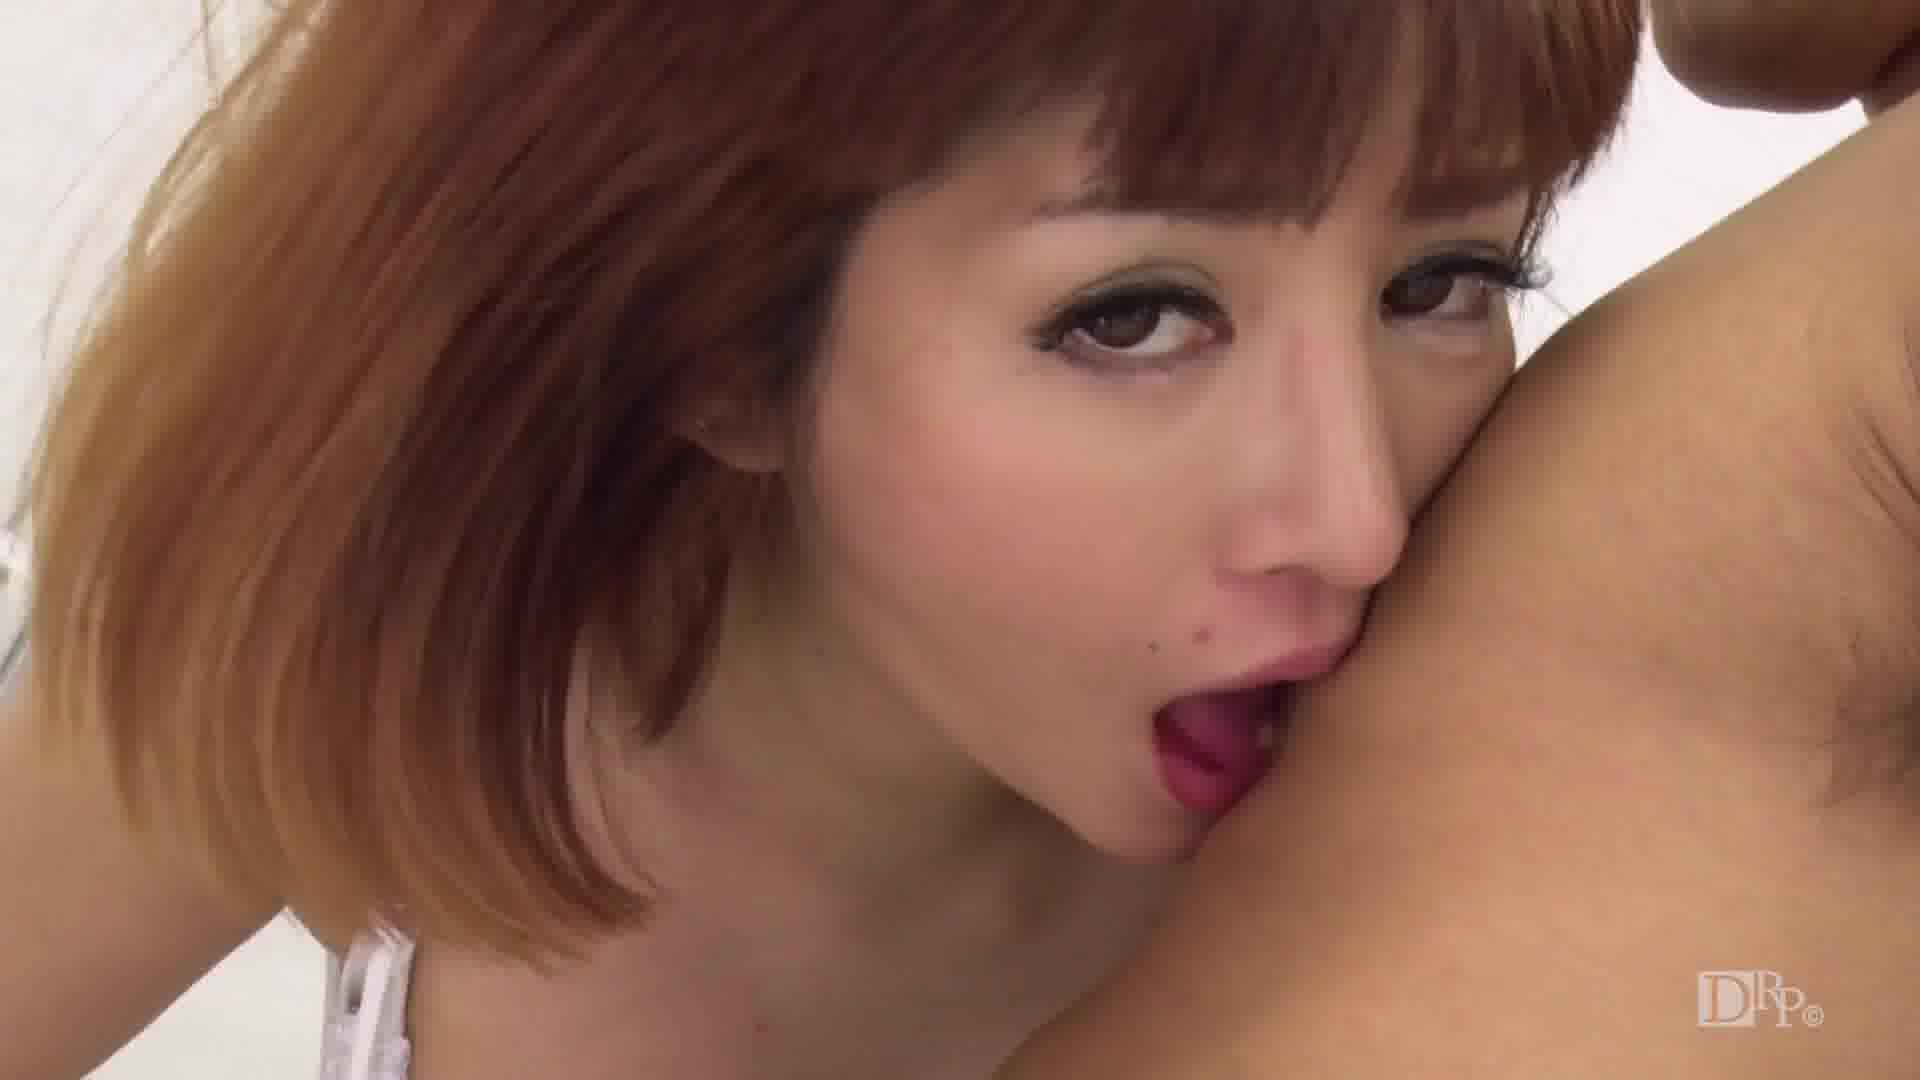 タフなオメコに3連続中出し - 麻生希【美乳・スレンダー・中出し】